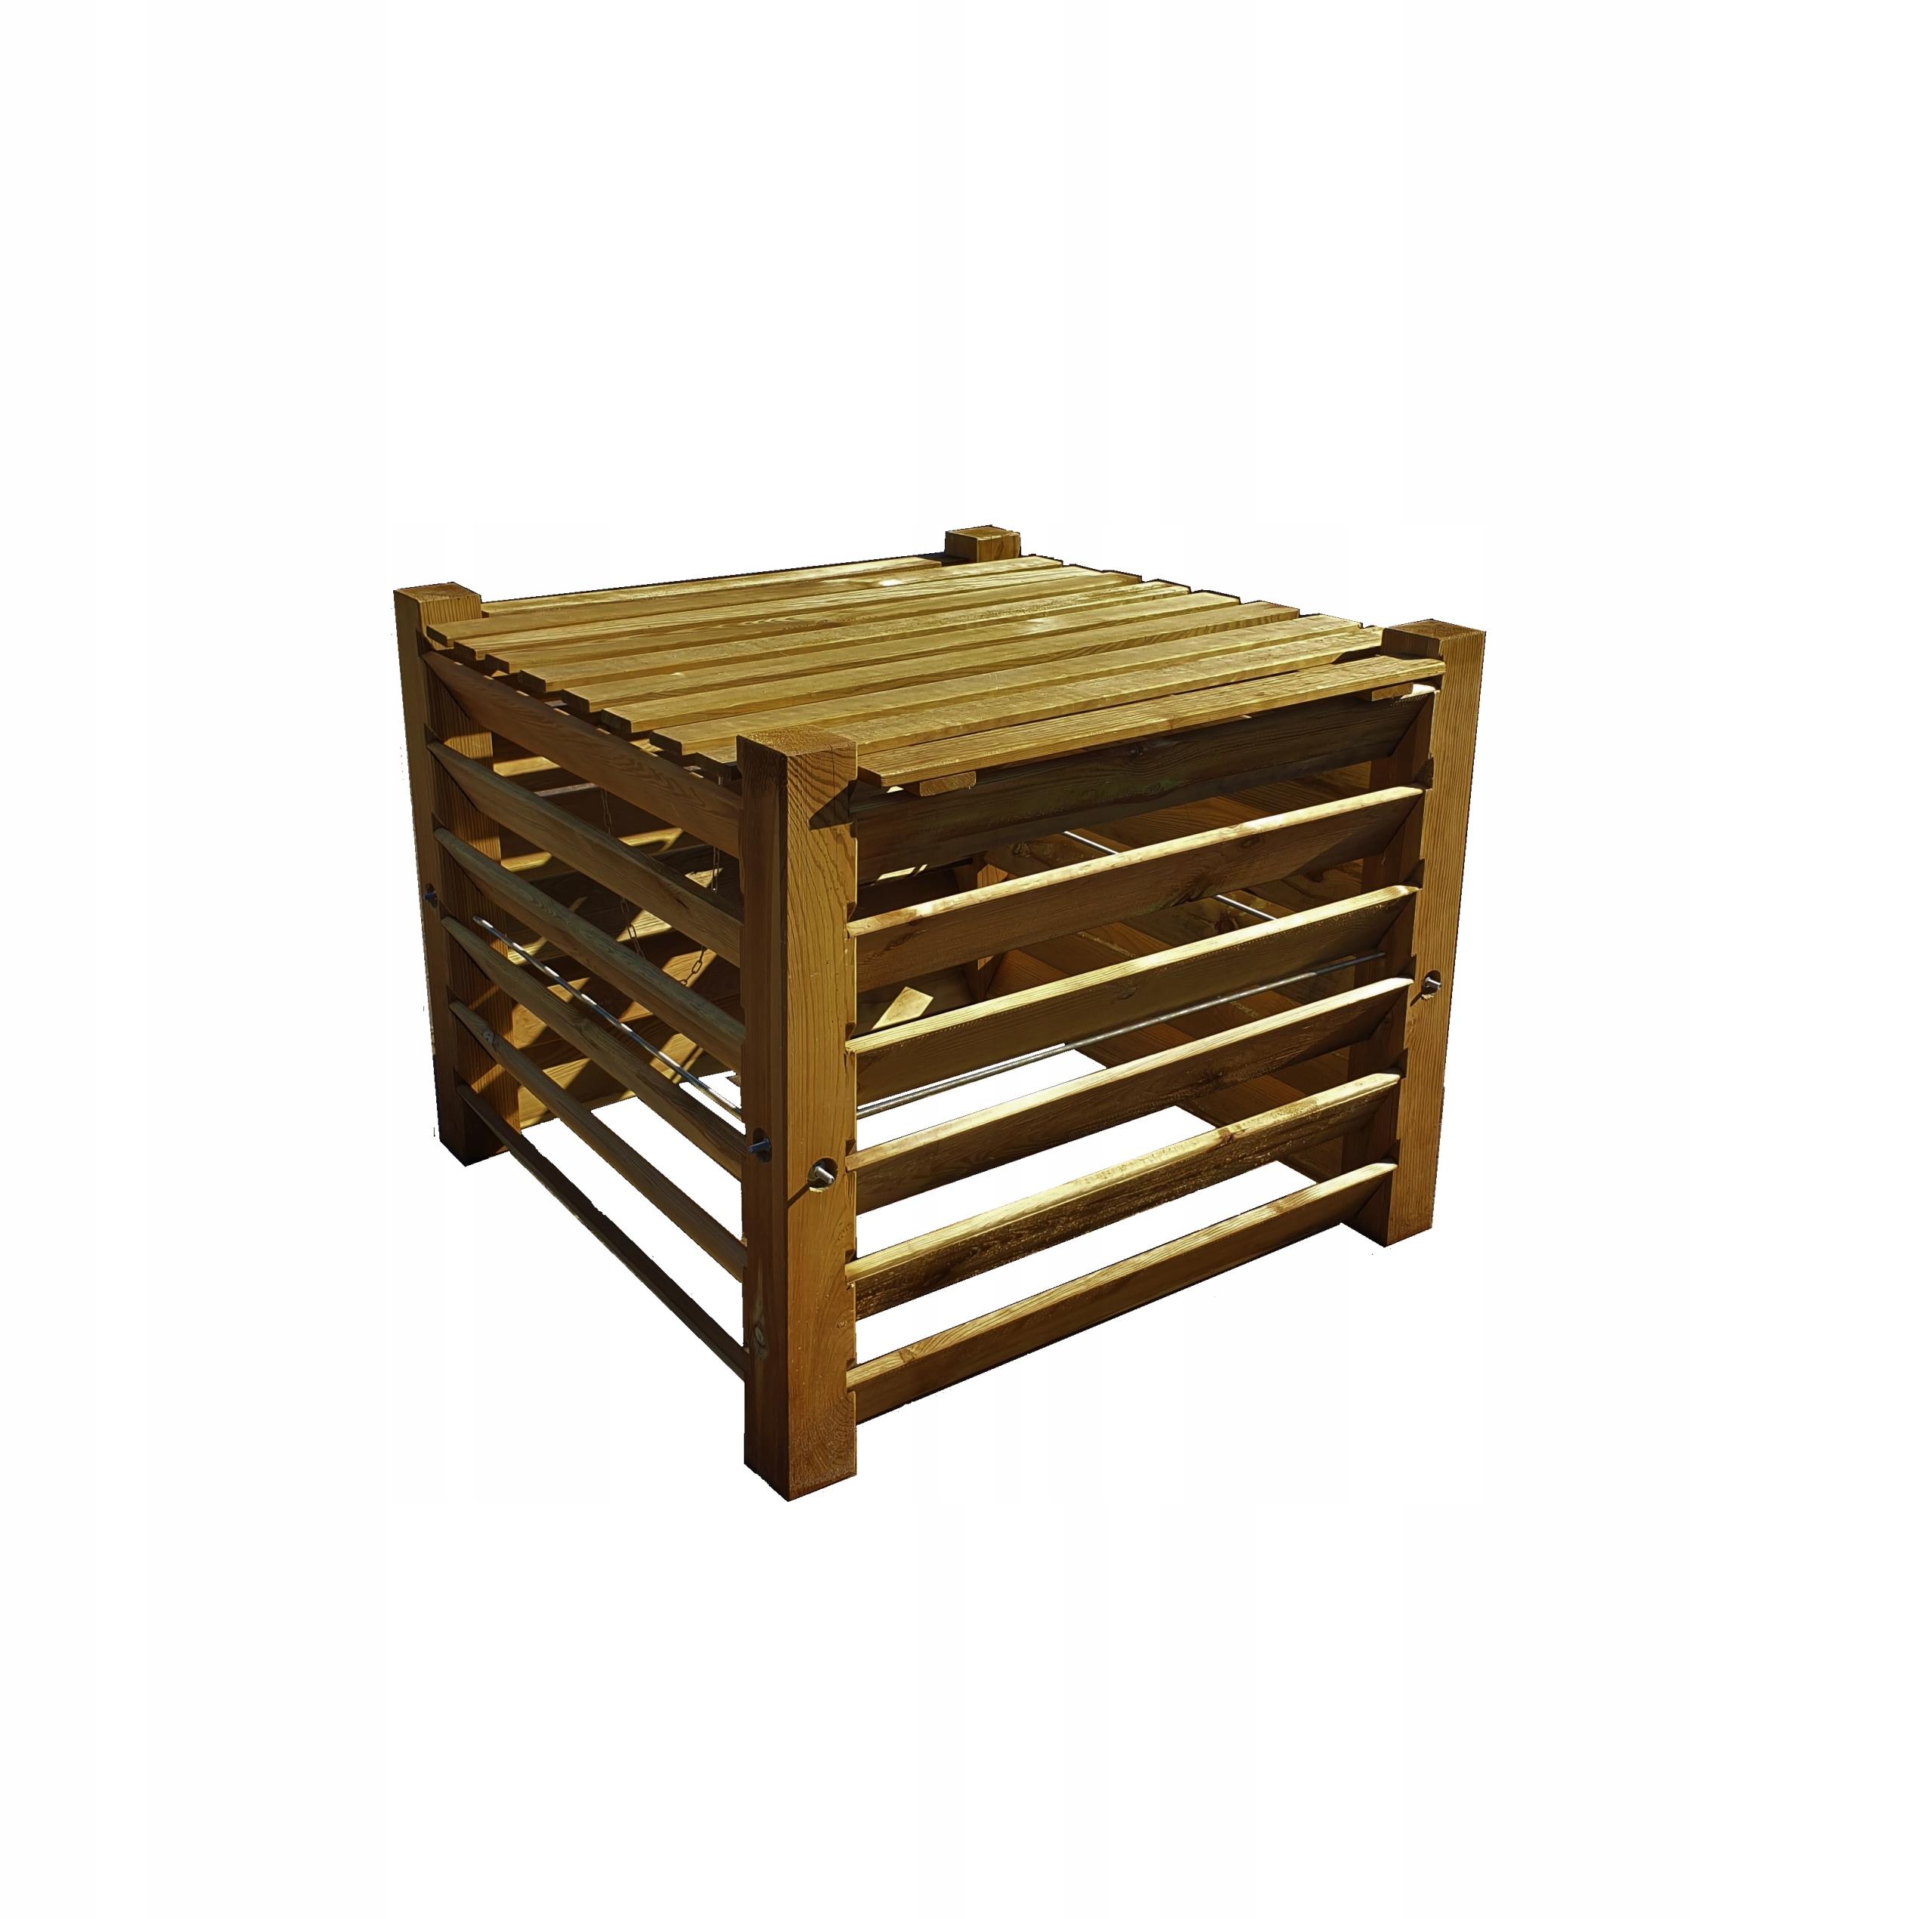 КОМПОЗИЦИОННАЯ КОРОБКА деревянная с крышкой 125х125х80